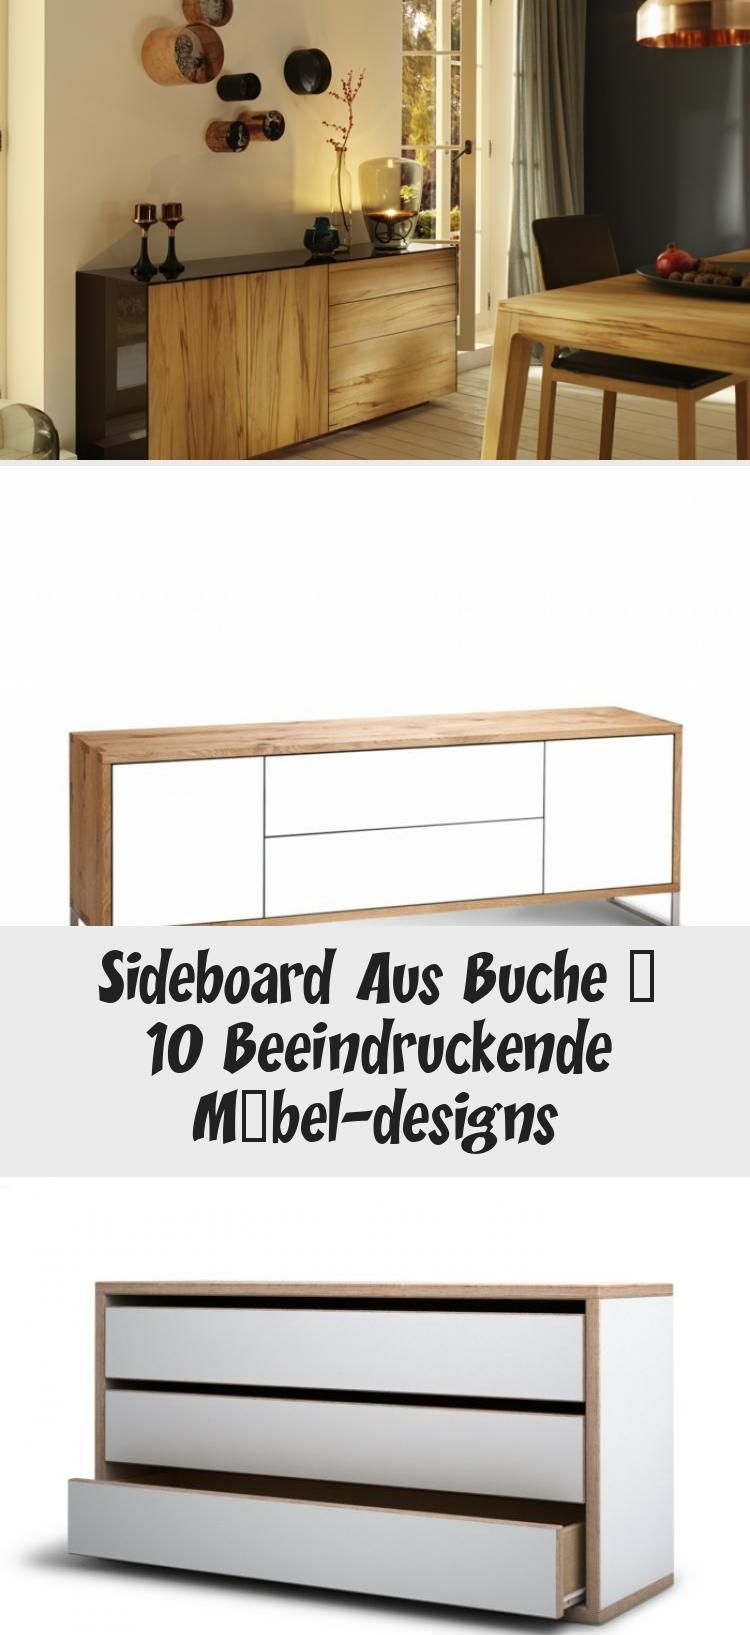 sideboard aus buche – 10 beeindruckende möbel-designs | decor